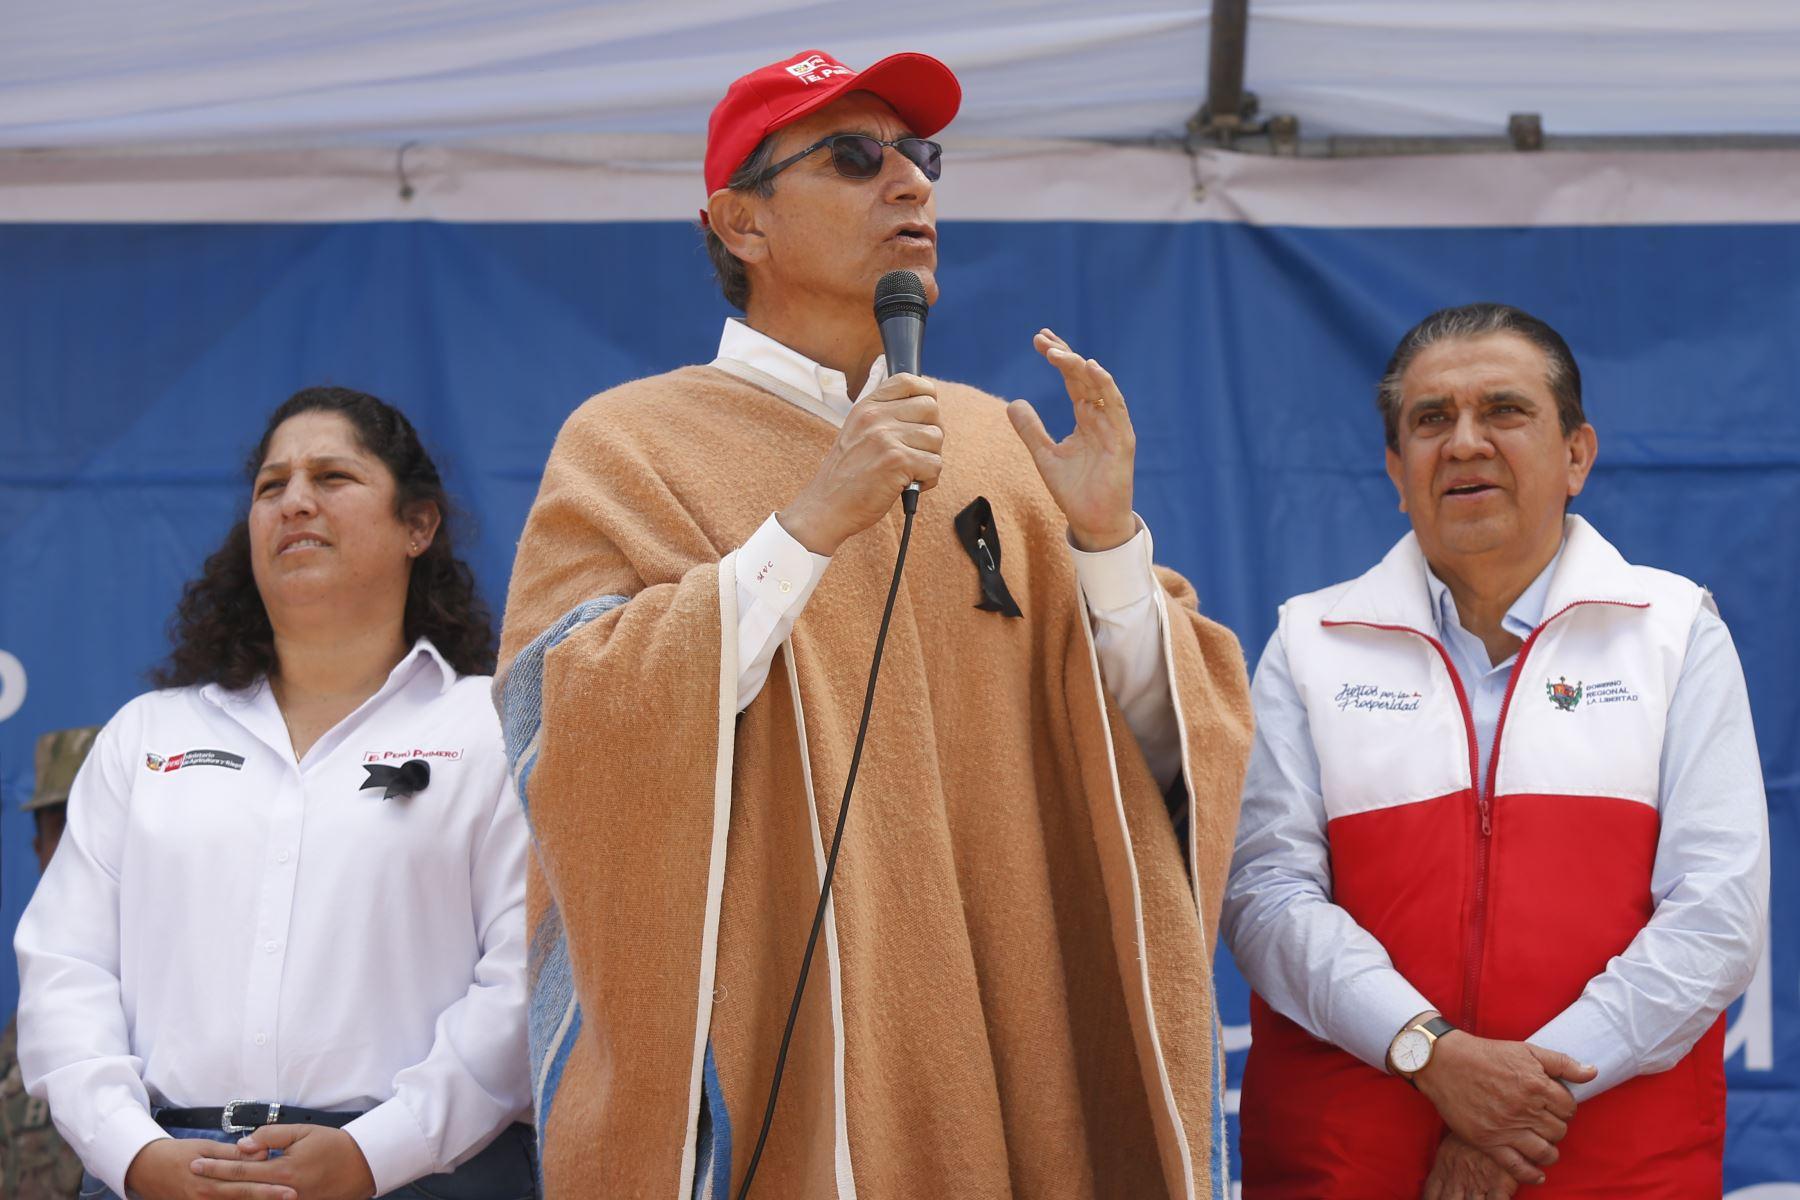 Jefe de Estado Martin Vizcarra presidió ceremonia de entrega de títulos de propiedad rural en la región La Libertad con motivo del Día del Campesino.Foto: ANDINA/Prensa Presidencia